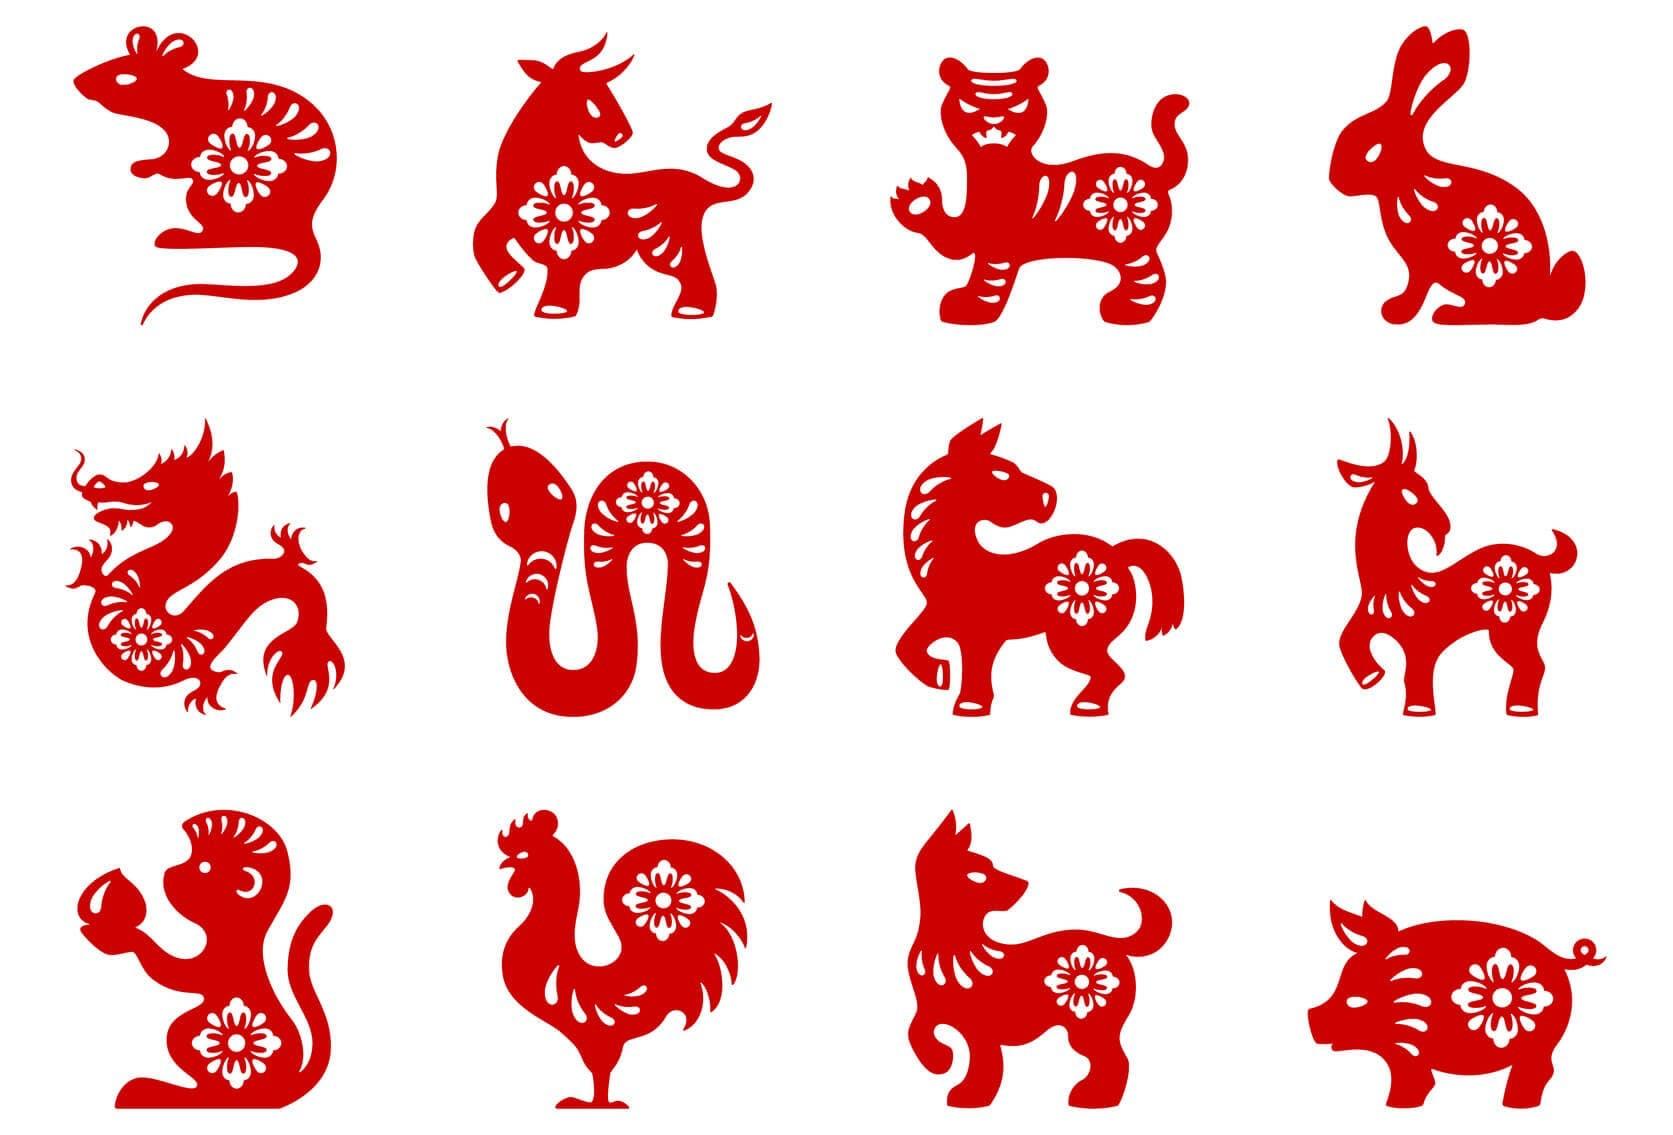 Los doce signos del zodiaco chino y sus características